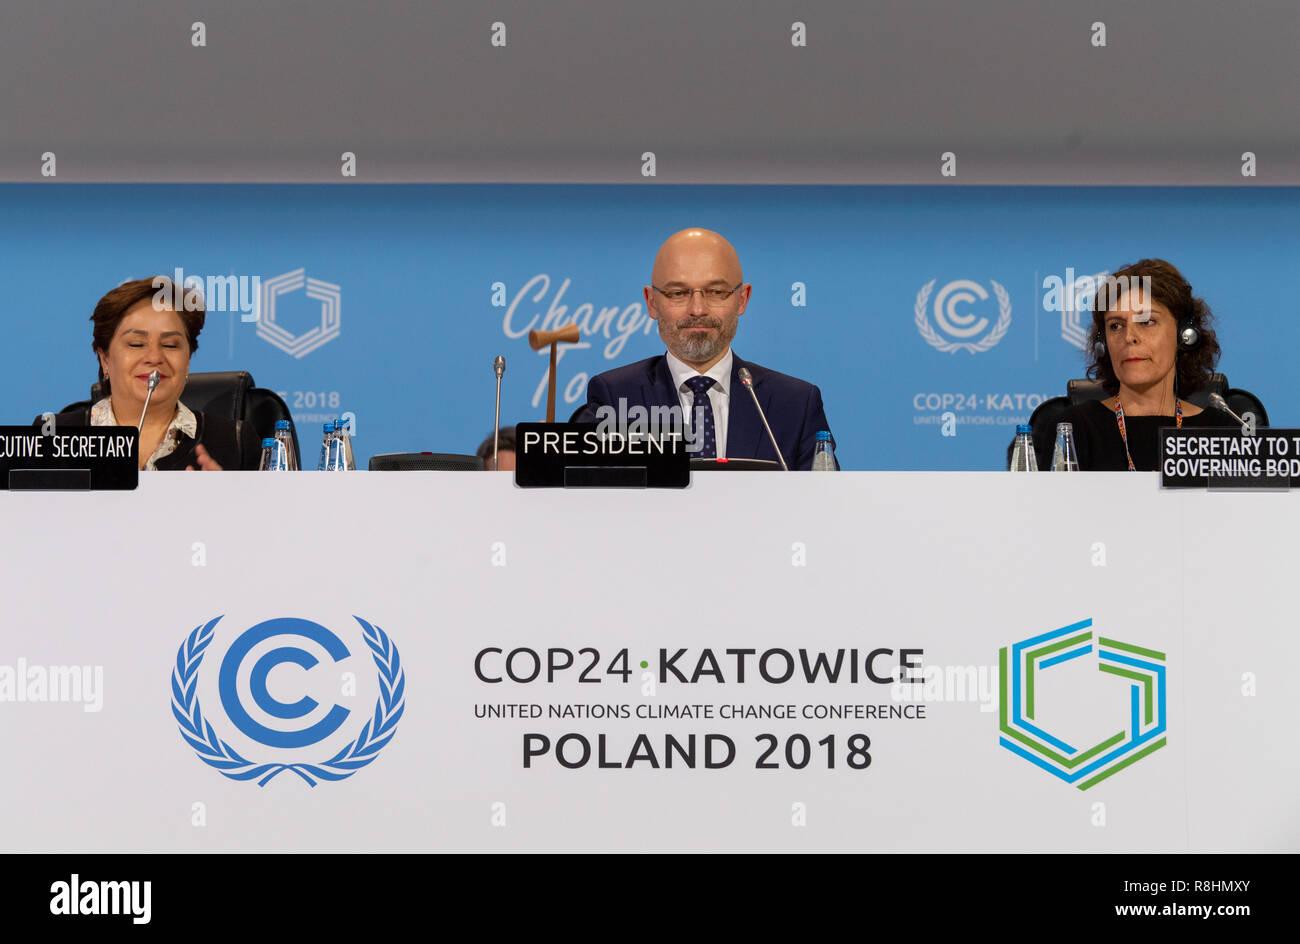 Katowice in Polonia. 15 Dic, 2018. Michal Kurtyka (M), Presidente della Conferenza delle Nazioni Unite sui Cambiamenti Climatici COP24, sigilla il compromesso del plenum con un colpo di martello. L'accordo ha lo scopo di limitare il riscaldamento globale ben al di sotto di due gradi. Credito: Monika Skolimowska/dpa-Zentralbild/dpa/Alamy Live News Immagini Stock